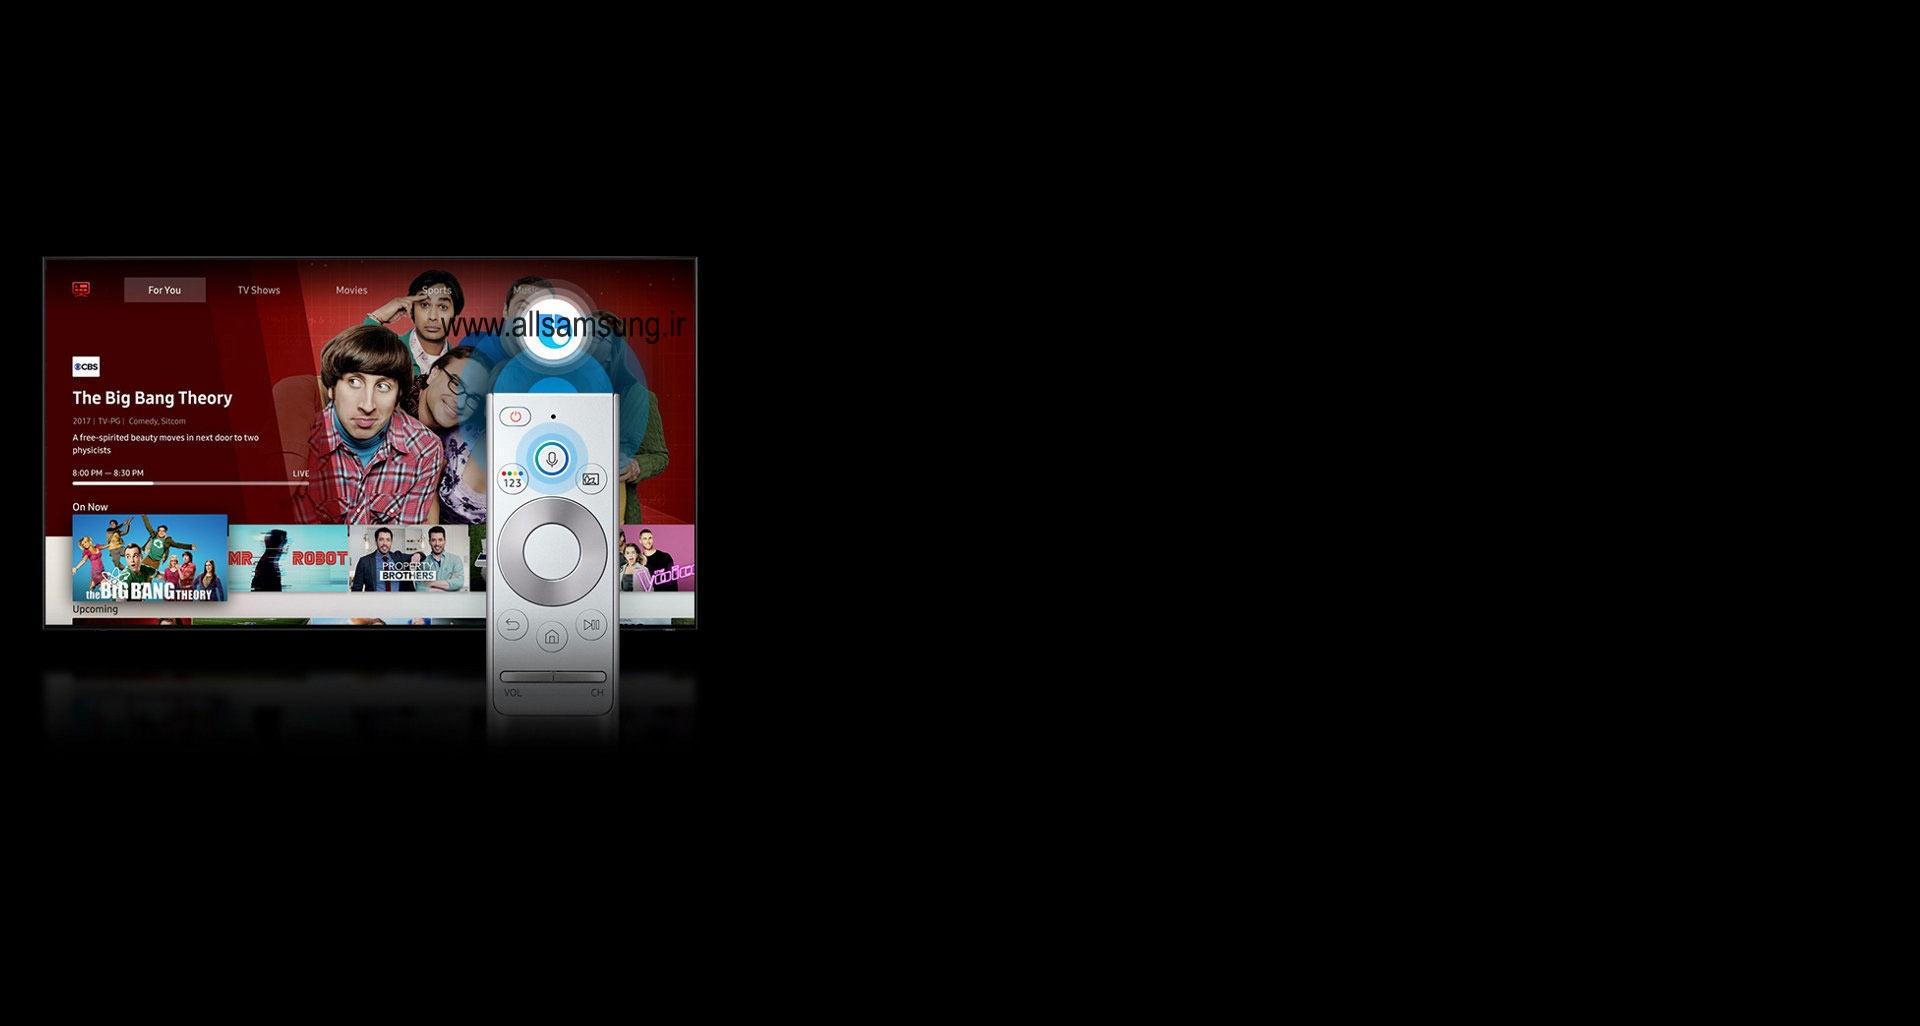 تلویزیون کیو ال ای دی به همراه راهنمای جهانی و بیکسبی